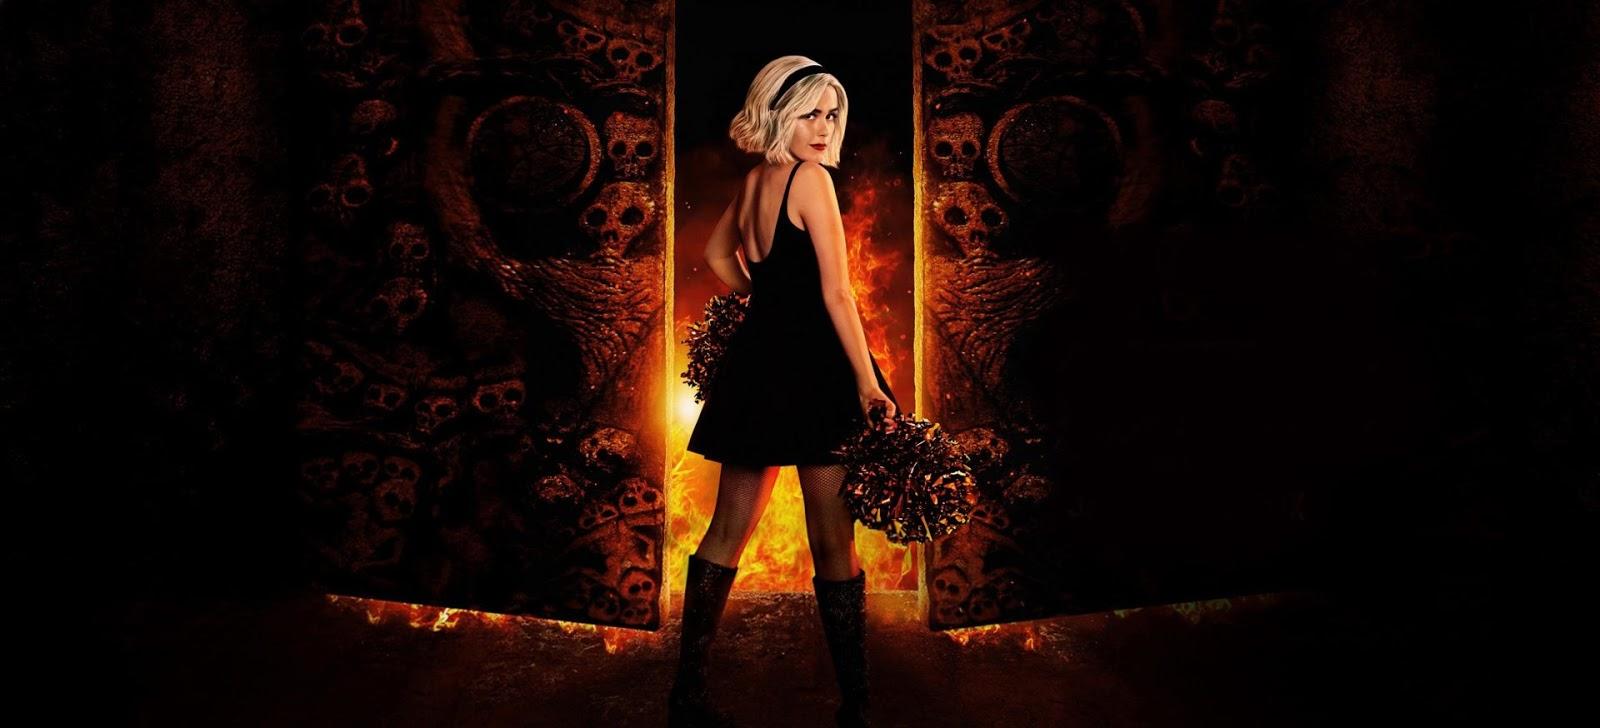 Veja trailer da 4 temporada de O Mundo Sombrio de Sabrina